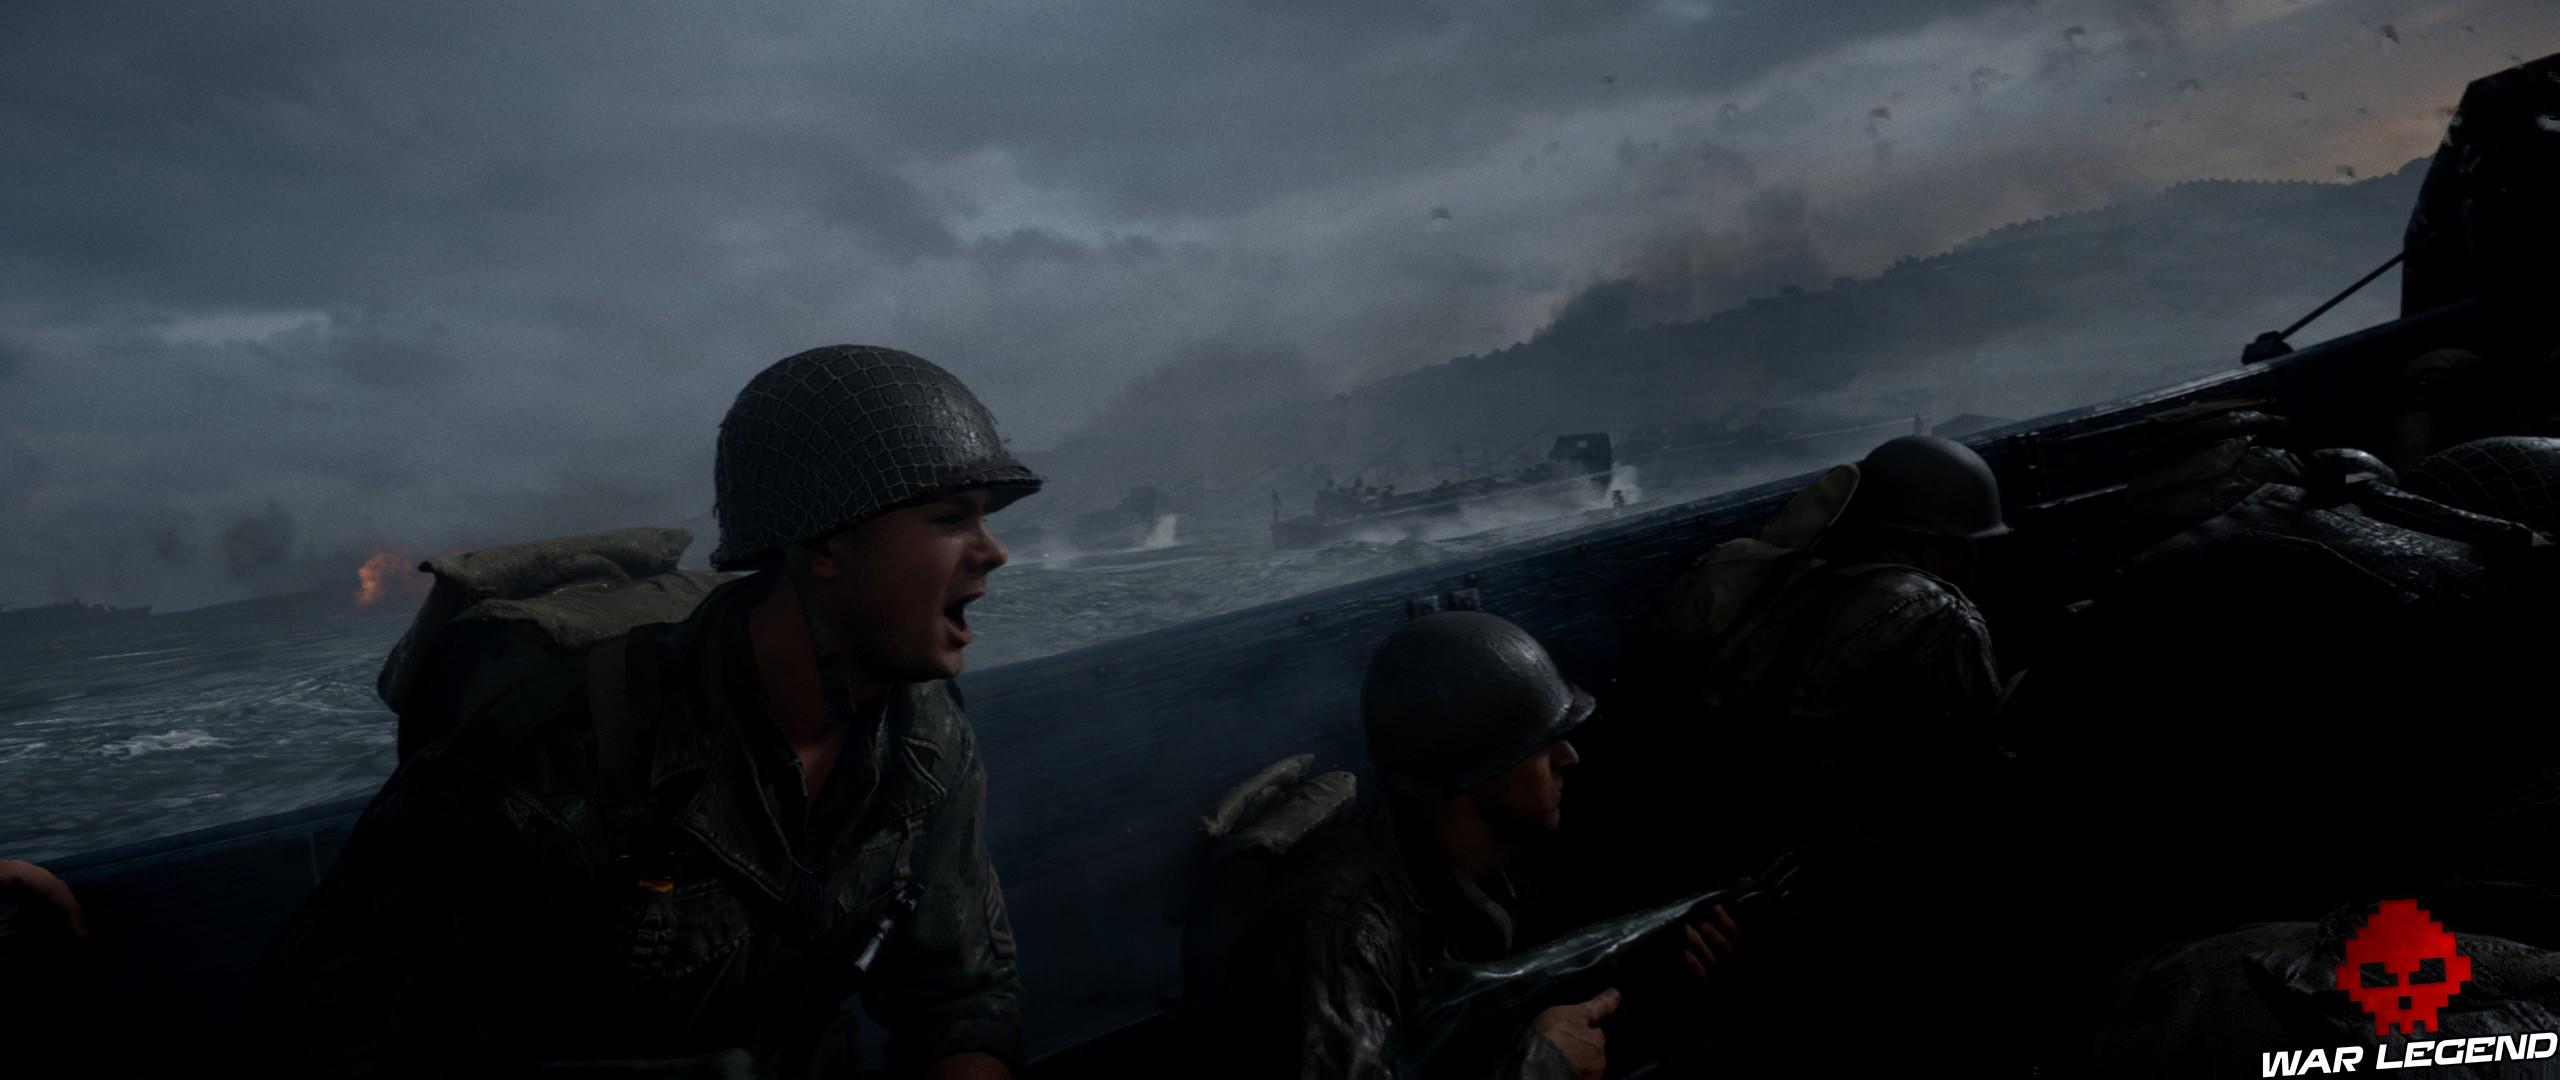 soldat américain criant des encourageaments à ses soldats dans une barge de débarquement